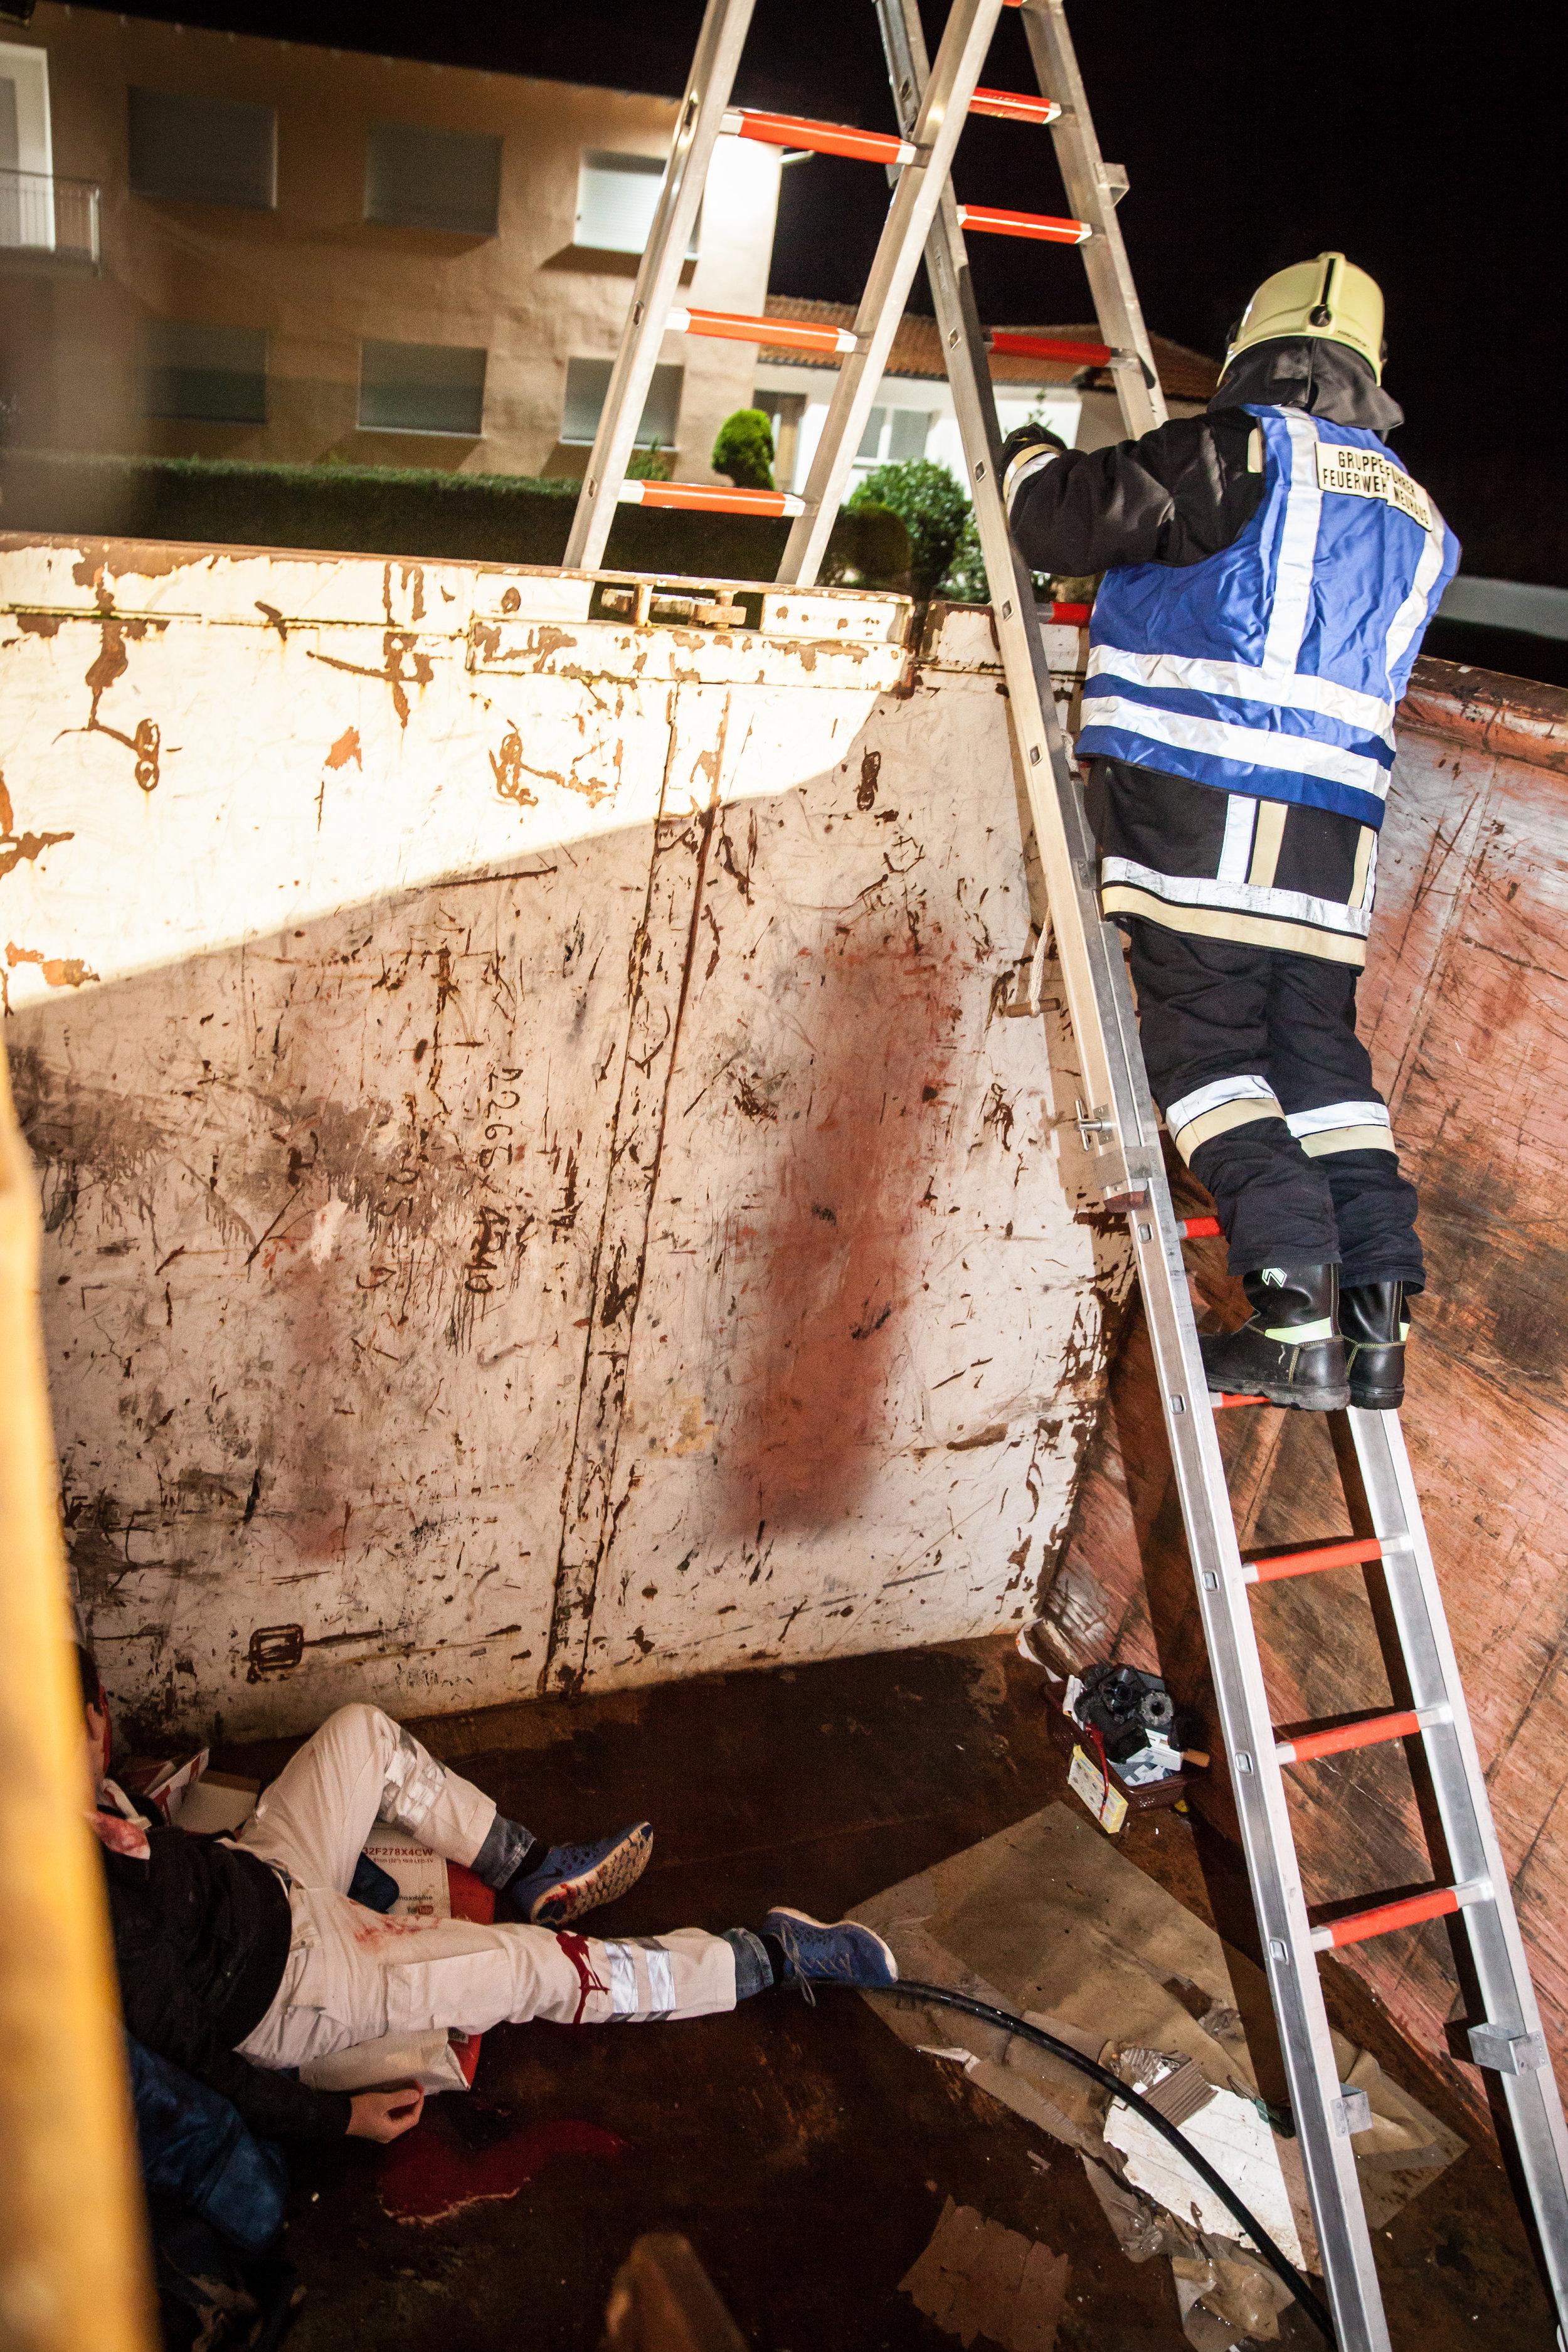 Eine weitere, schwerverletzte Person wurde in einem übermannshohen Container gefunden...